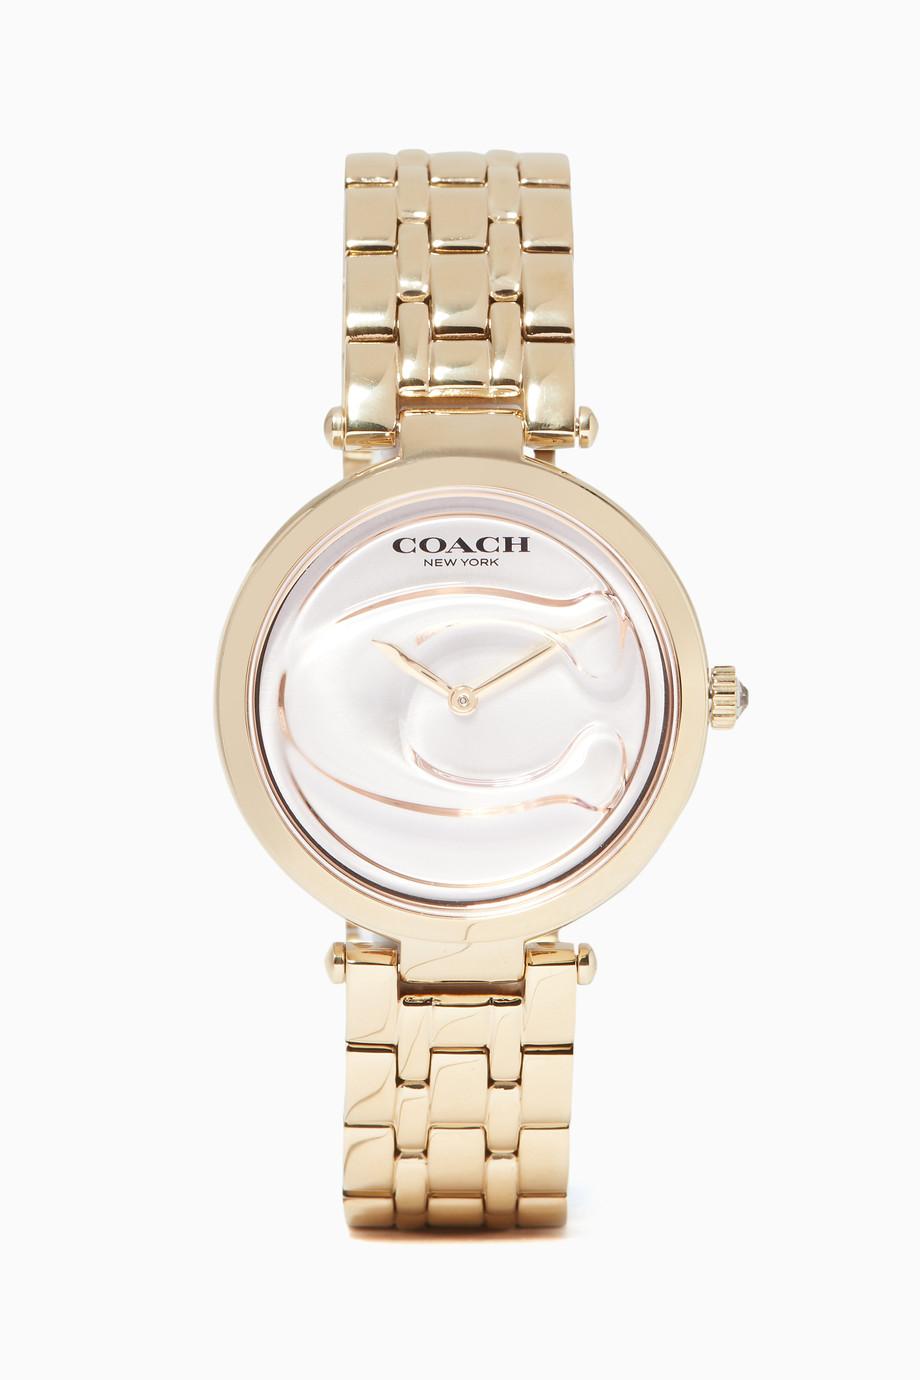 c1687531c تسوق ساعة بارك مزينة بشعار الماركة ذهبية Coach ذهبي للنساء | اُناس ...